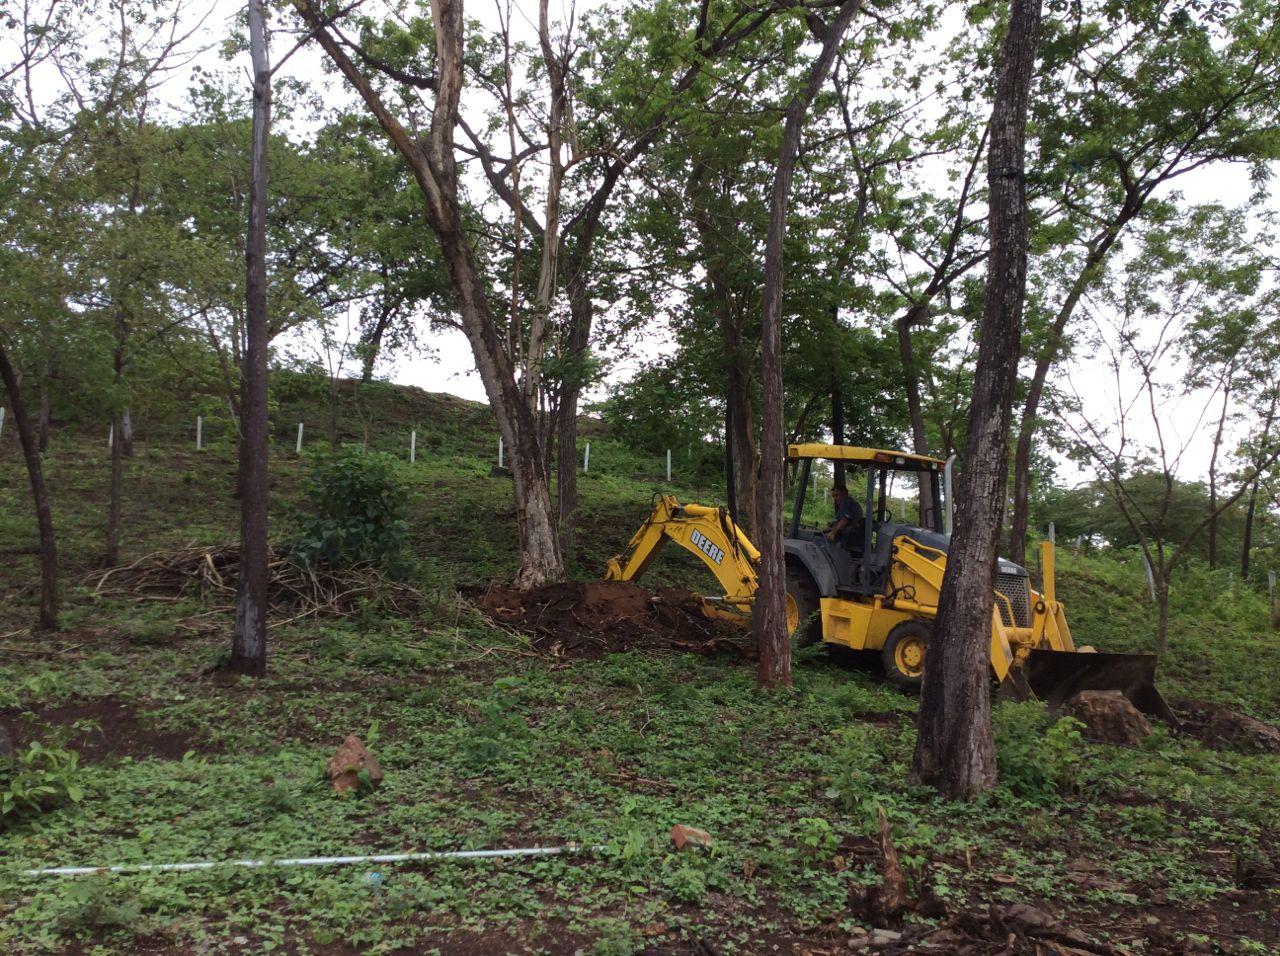 Taking down last dead tree